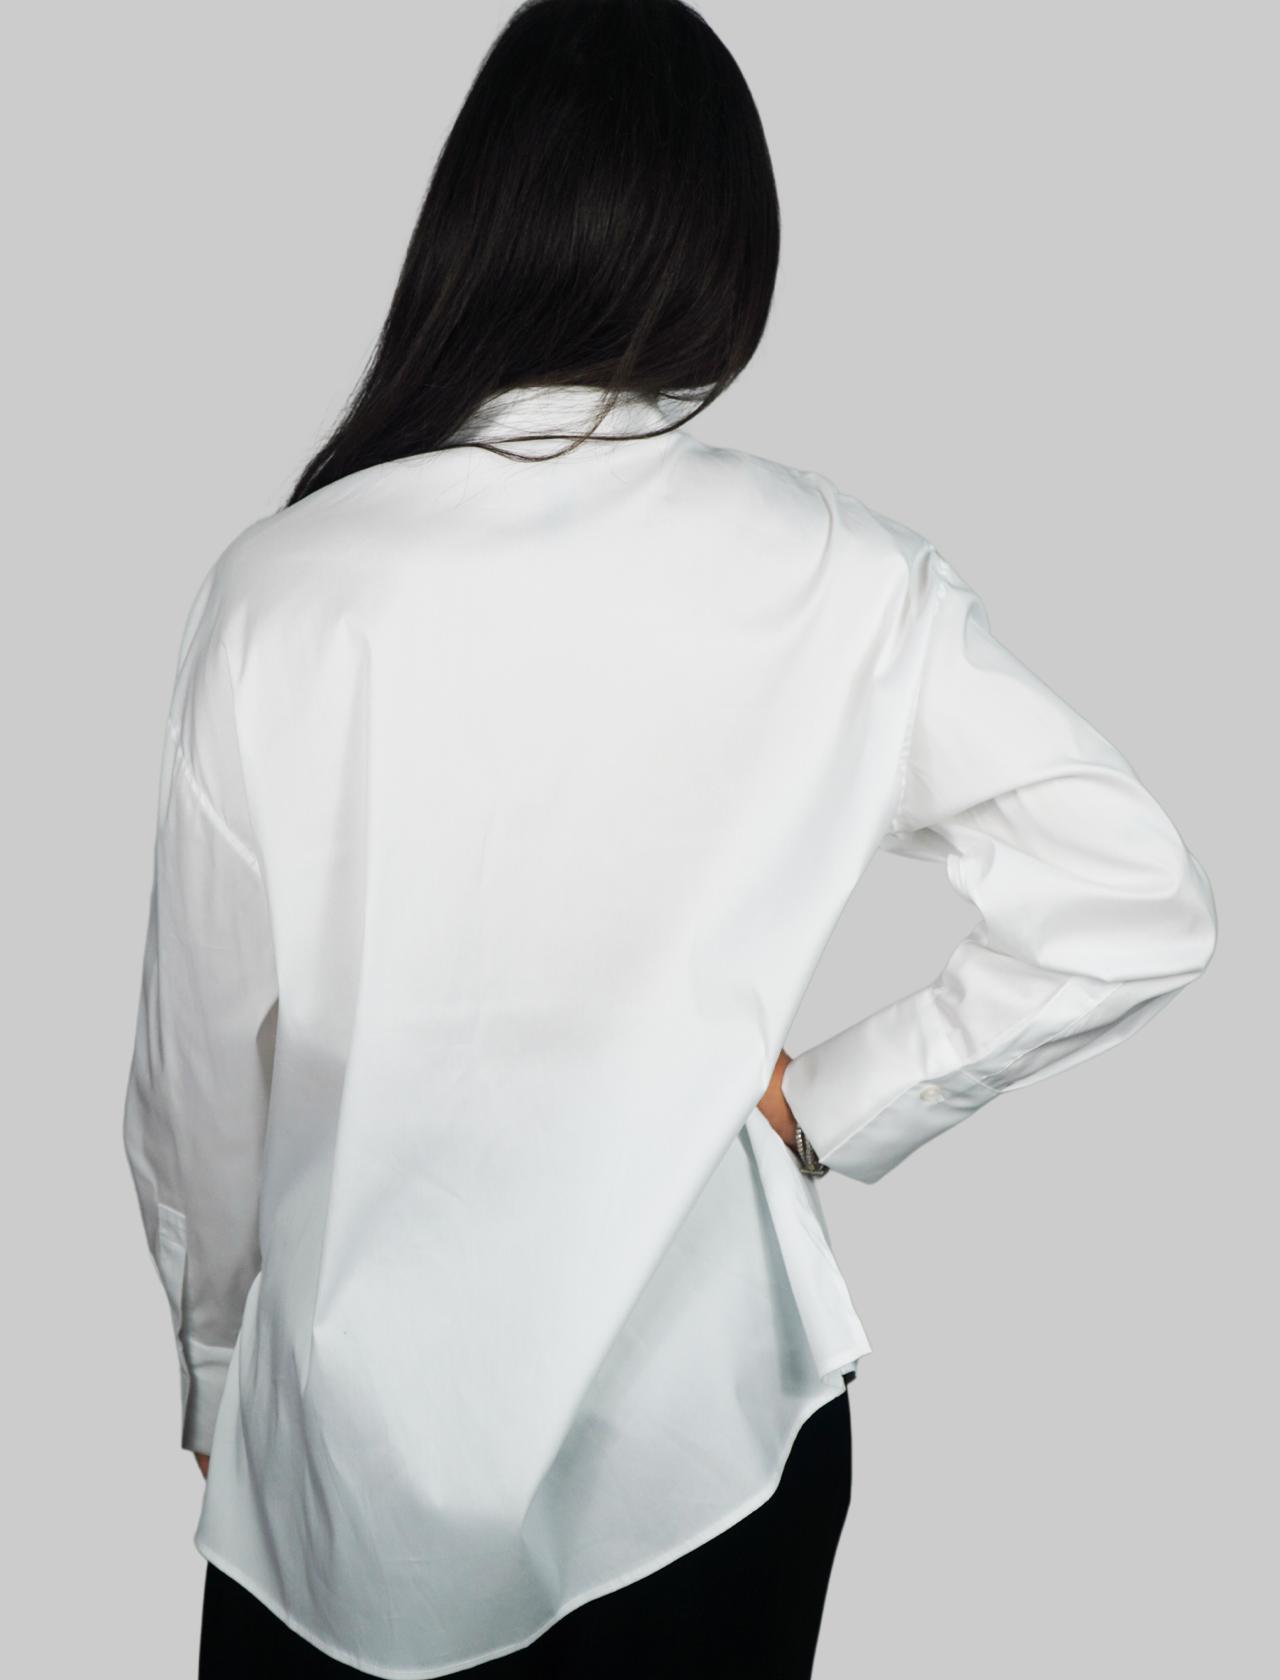 Abbigliamento Donna Camicia in Cotone Bianco Popeline manica Lunga con Bottone Gioiello Maliparmi   Camicie e Top   JM44681010310000